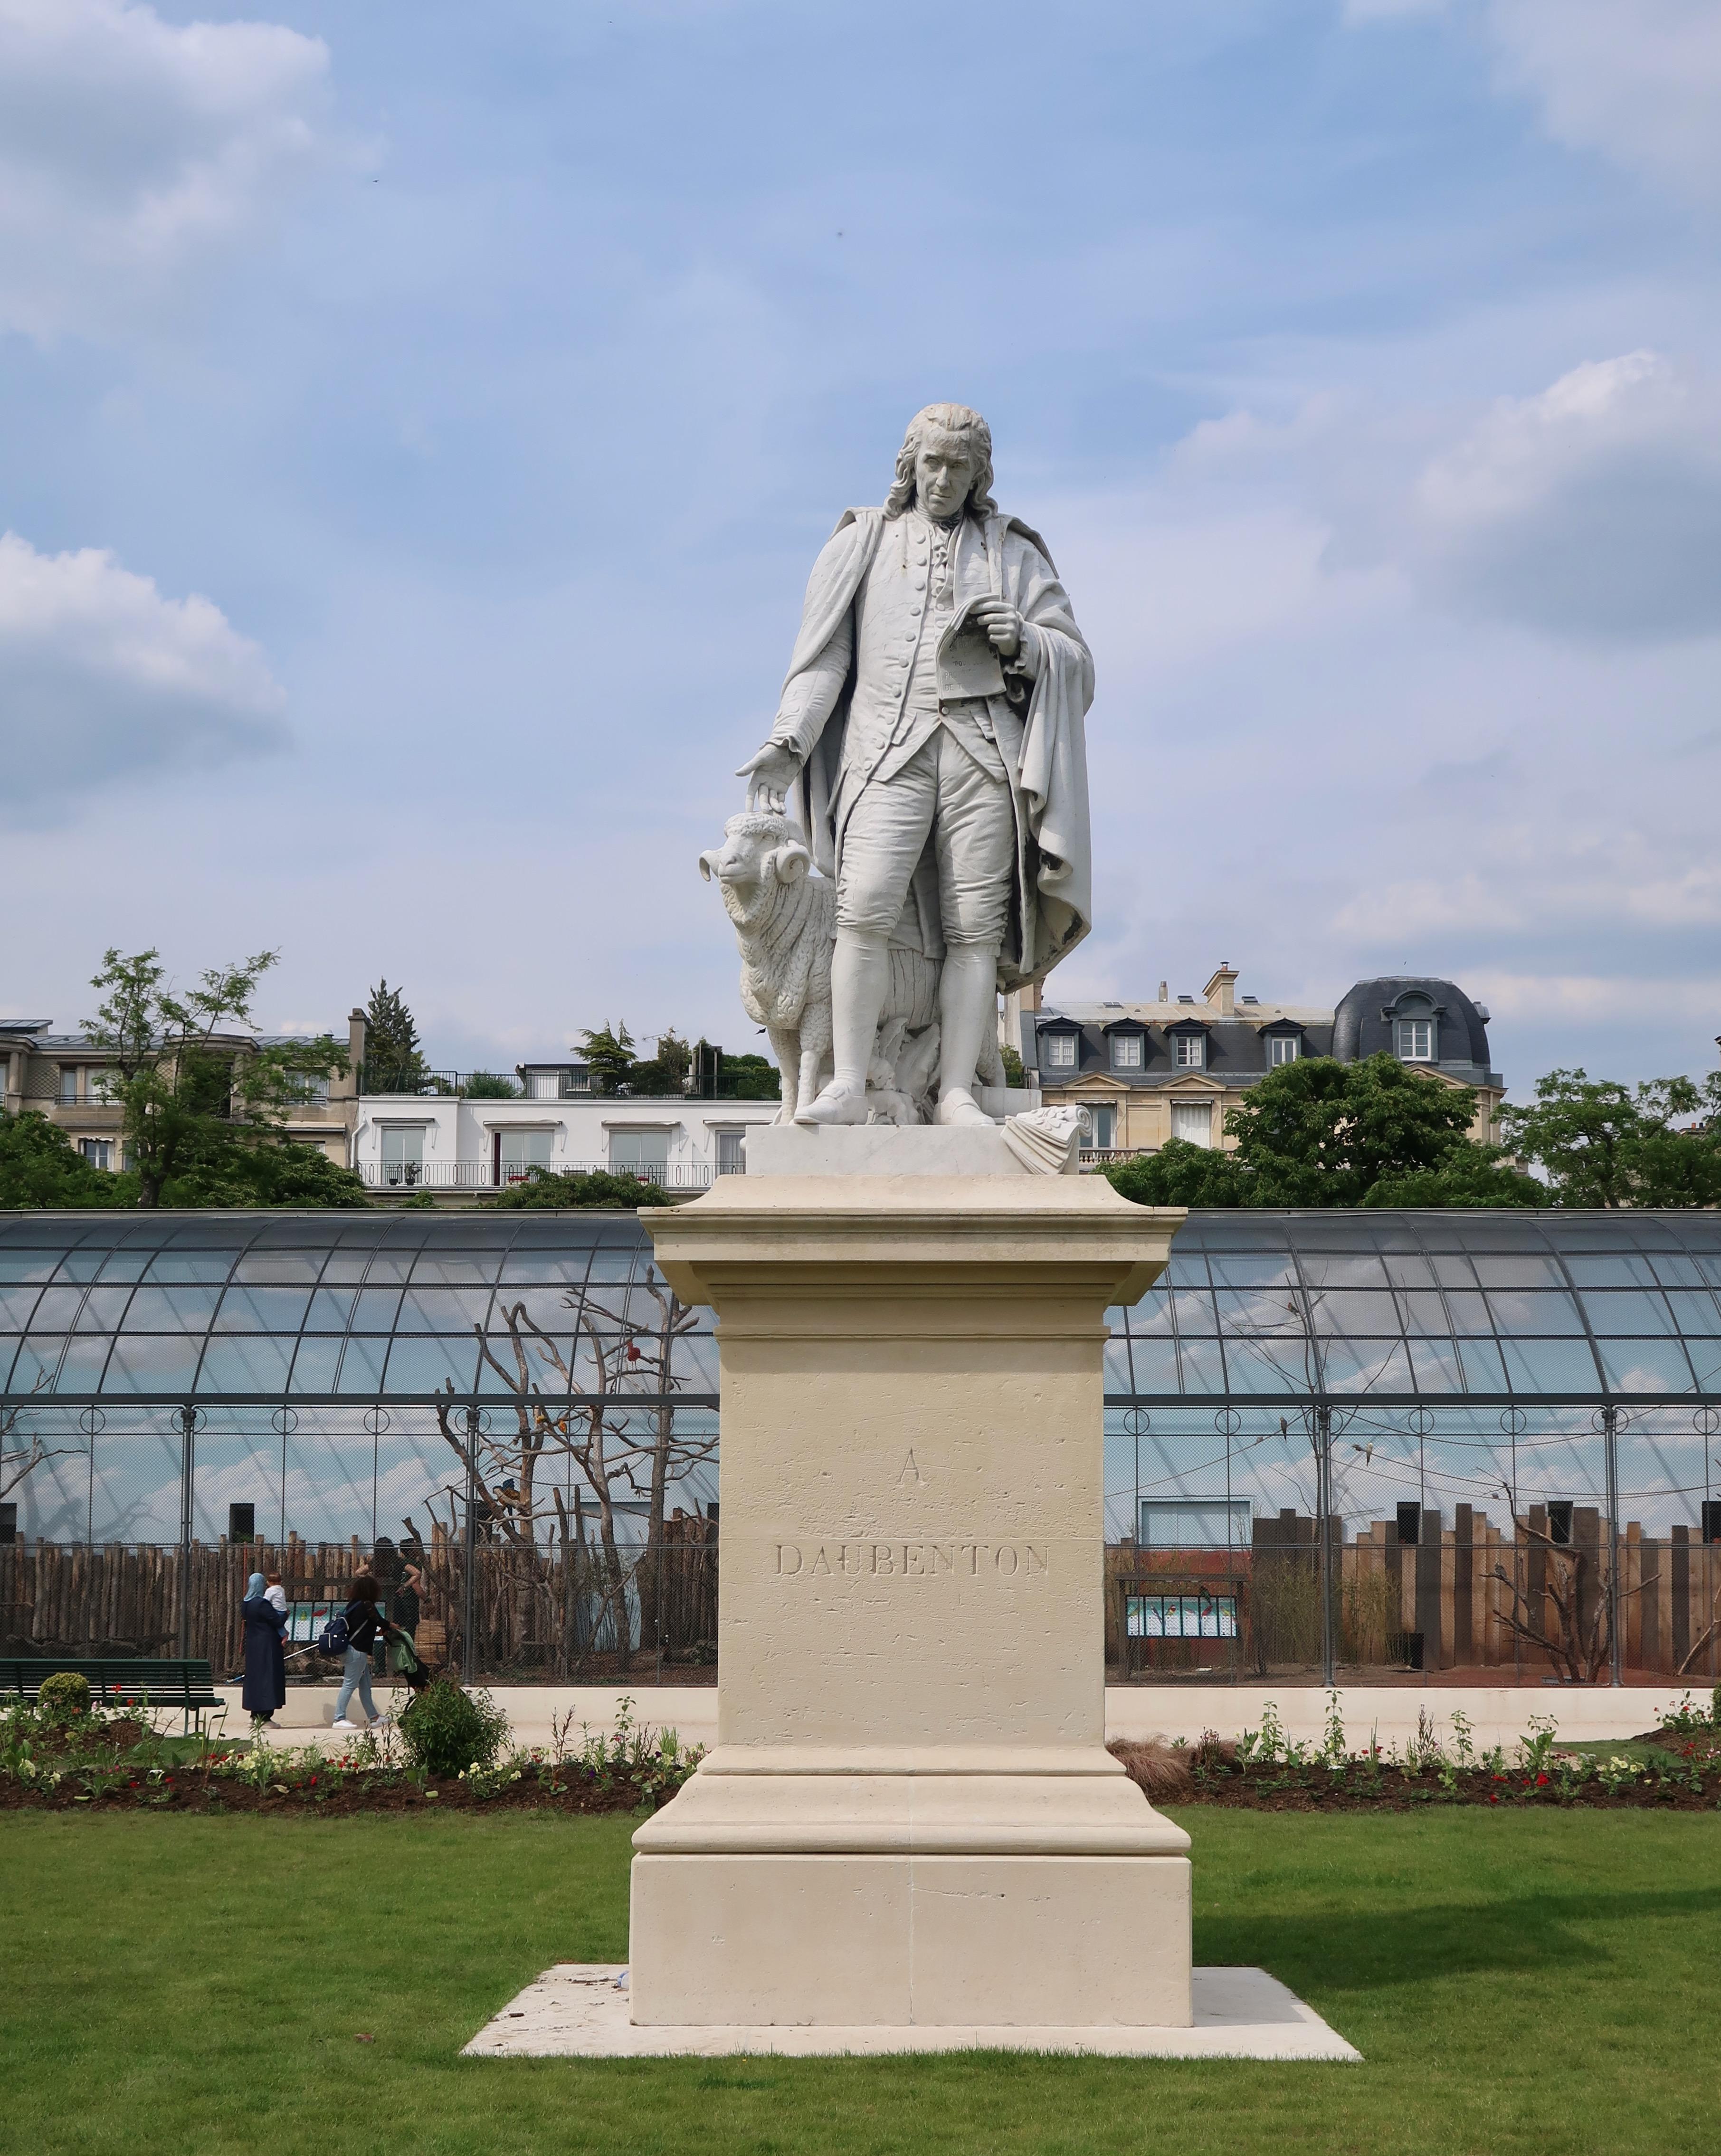 File:Statue Daubenton, jardin d'acclimatation, bois de ...